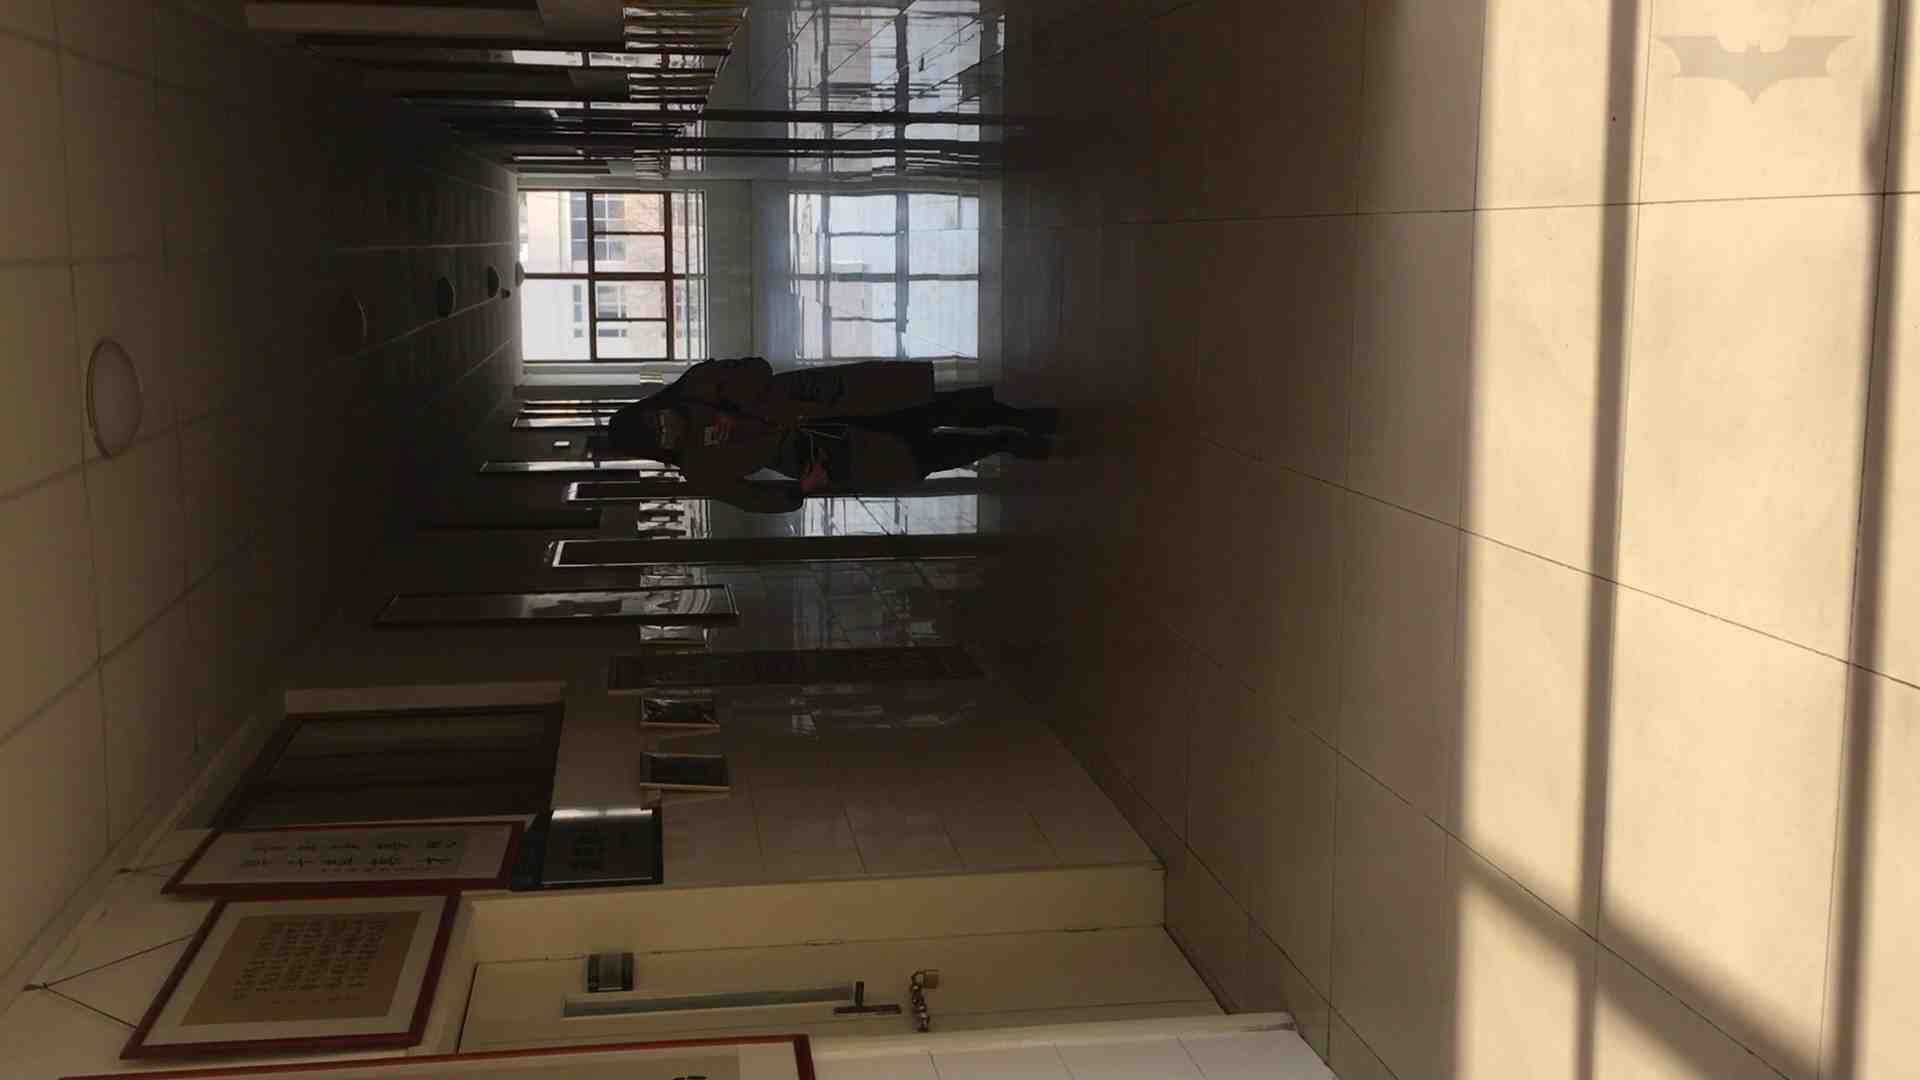 芸術大学ガチ潜入盗撮 JD盗撮 美女の洗面所の秘密 Vol.88 細身体型  83枚 66